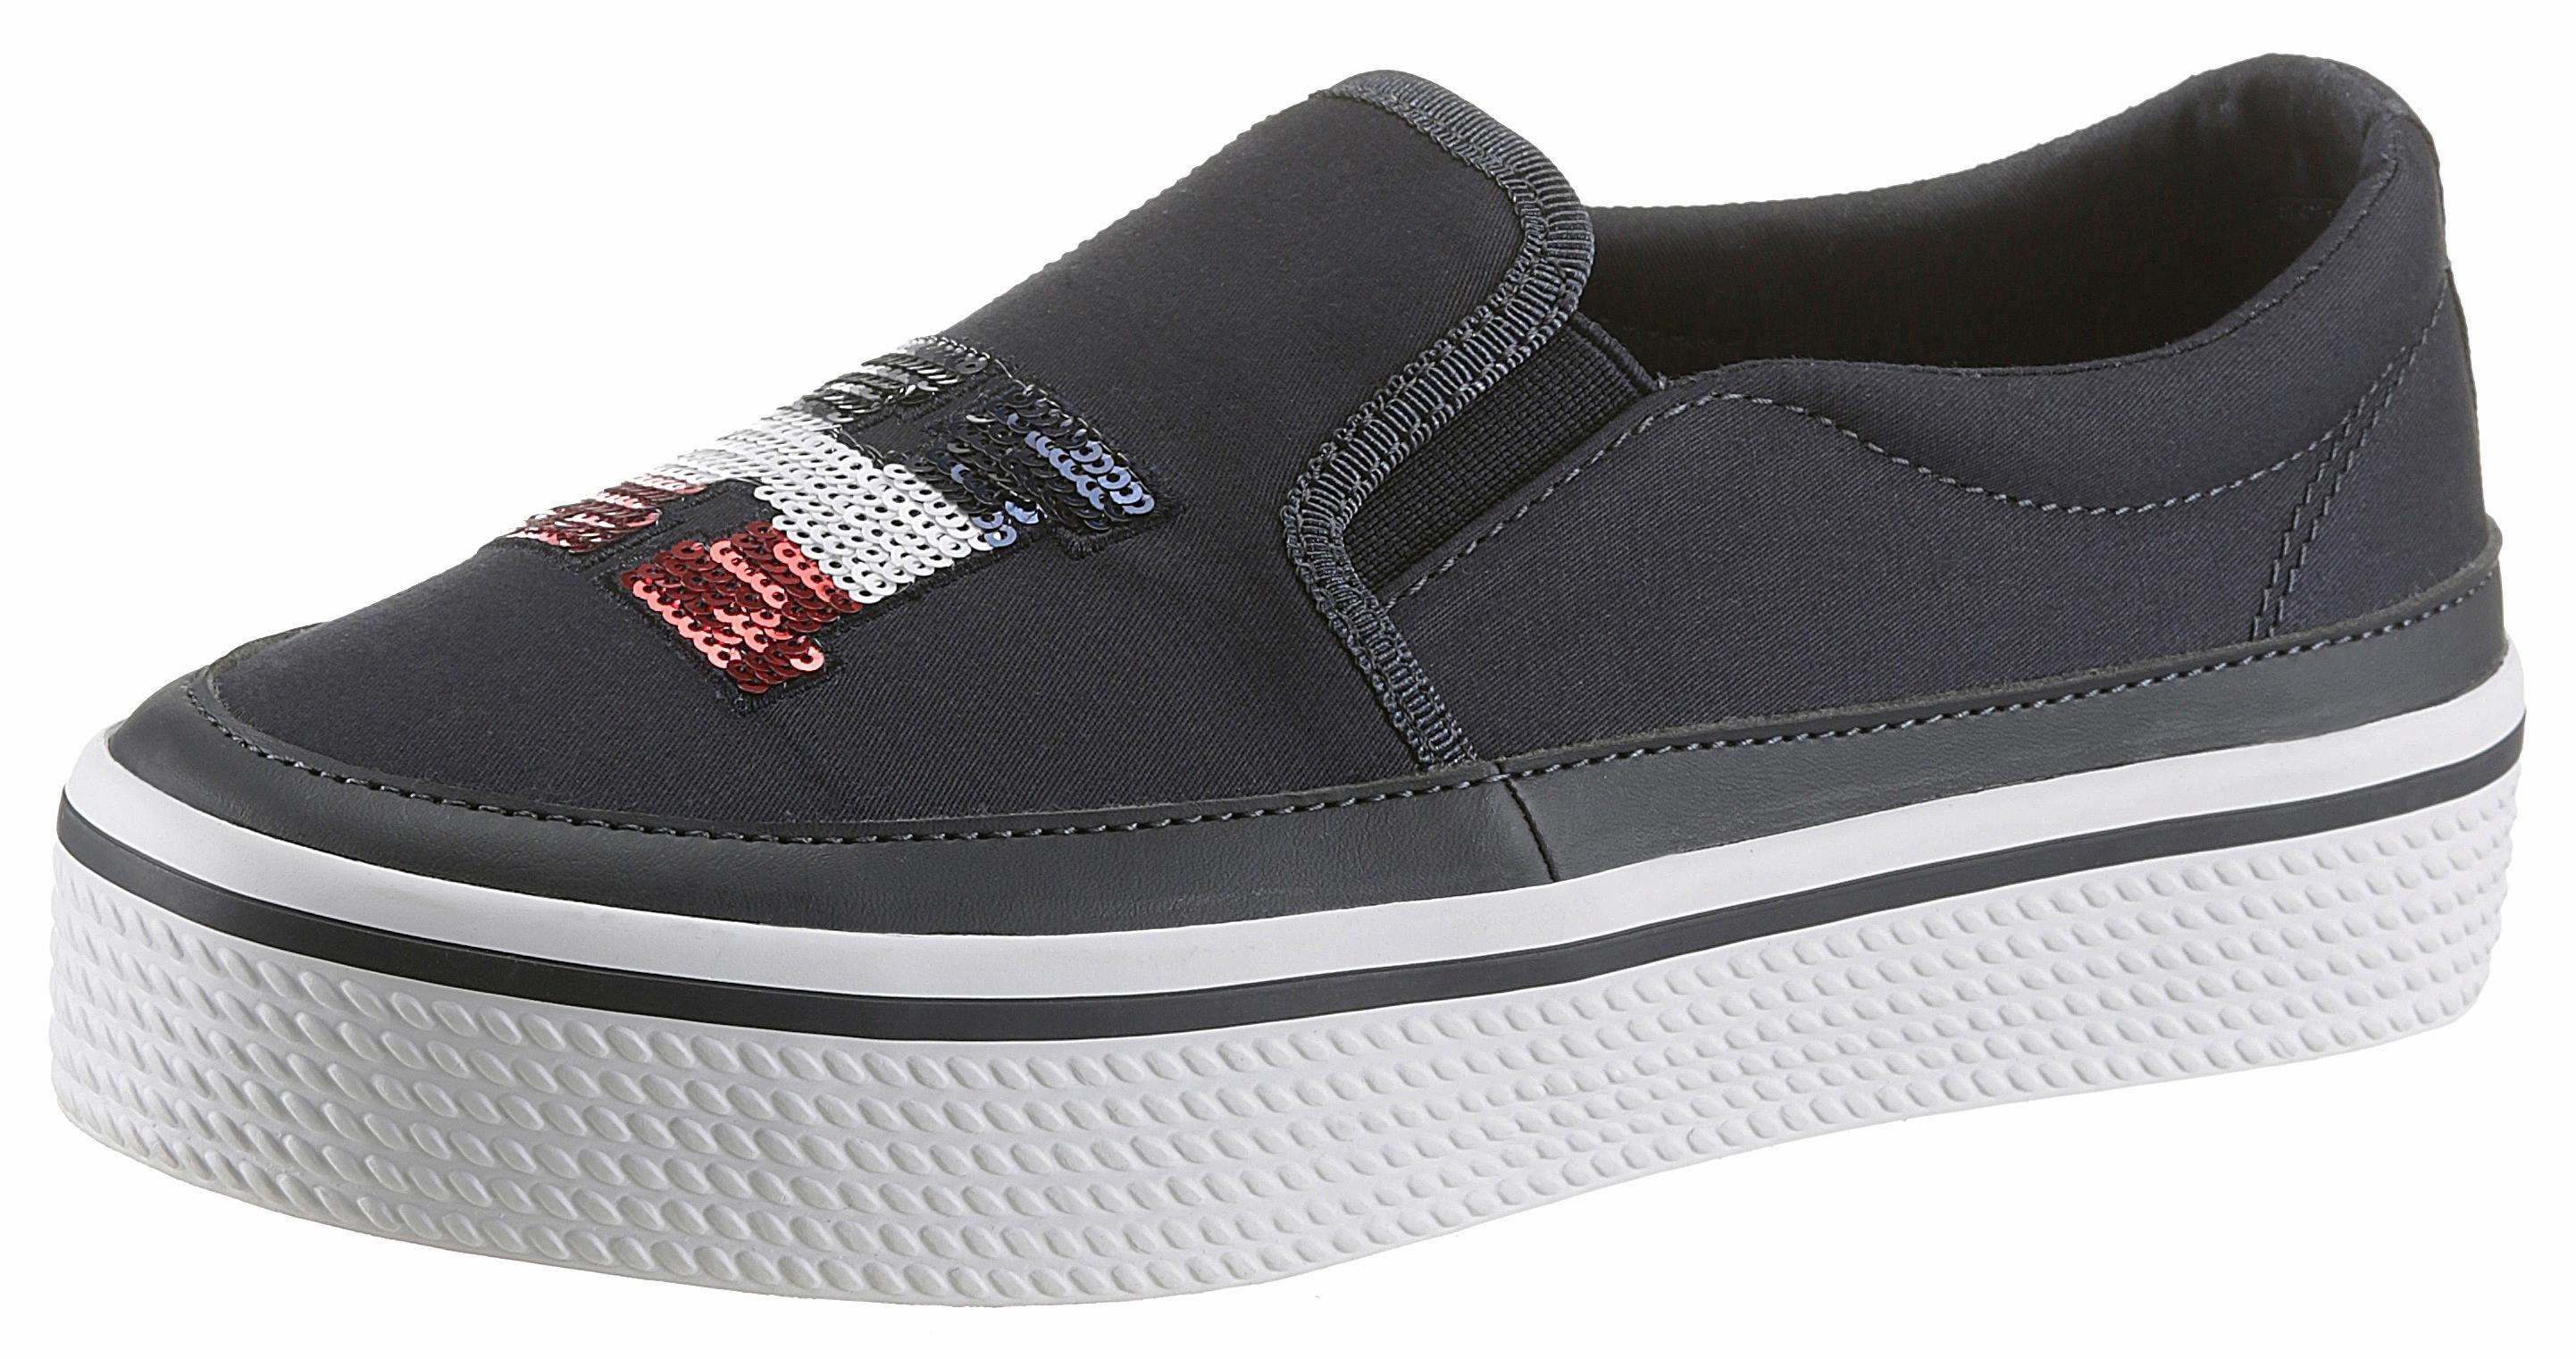 Tommy Hilfiger Kelsey 2 Slip-On Sneaker, mit Pailetten besetzt online kaufen  nachtblau